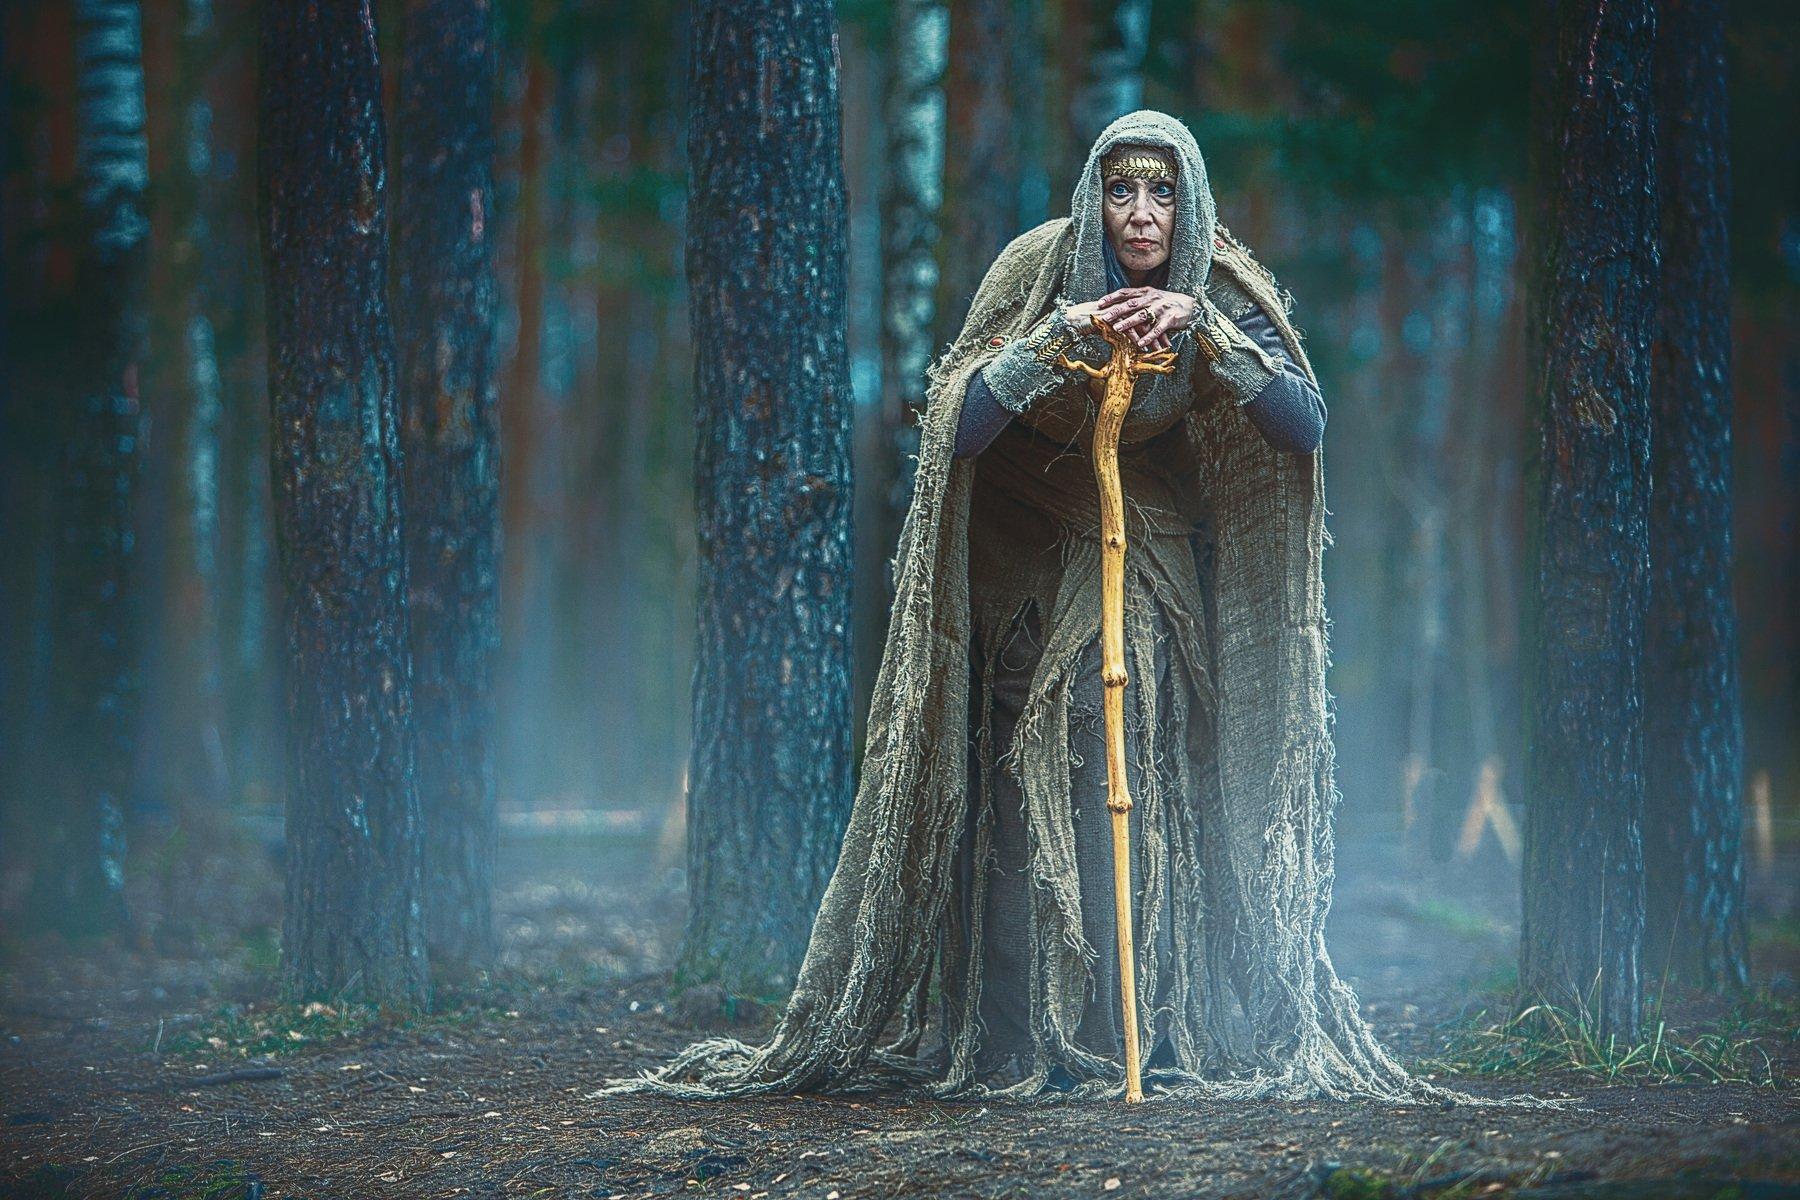 ведьма, фэнтази, лес, дым, рехов, сергейрехов, Сергей Рехов